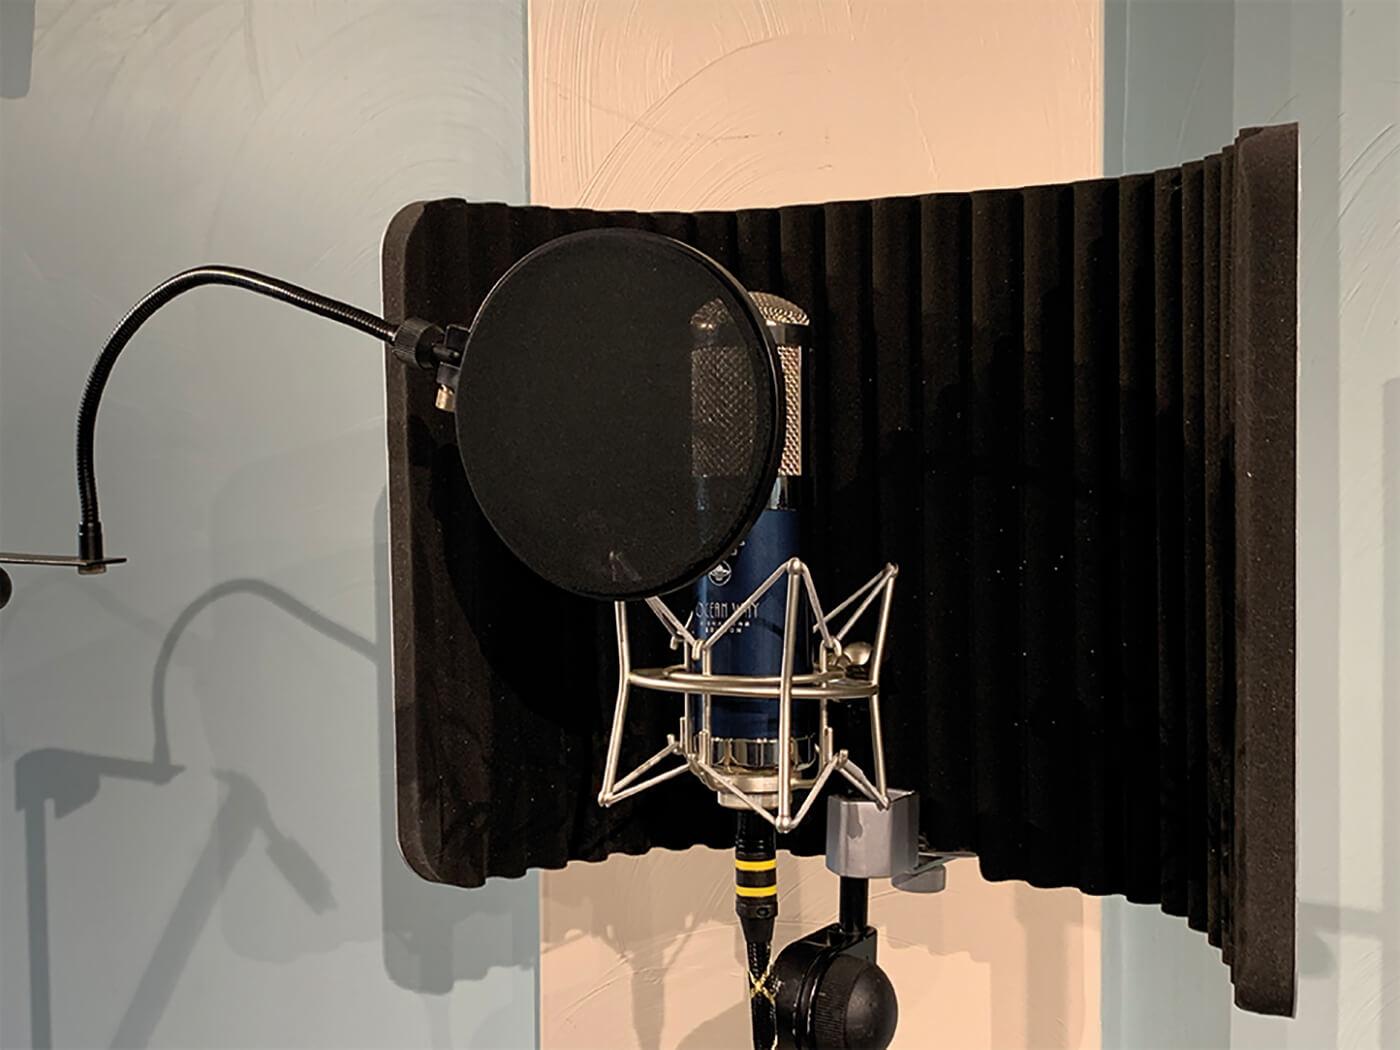 MT207 Studio One Recording Vocals 2